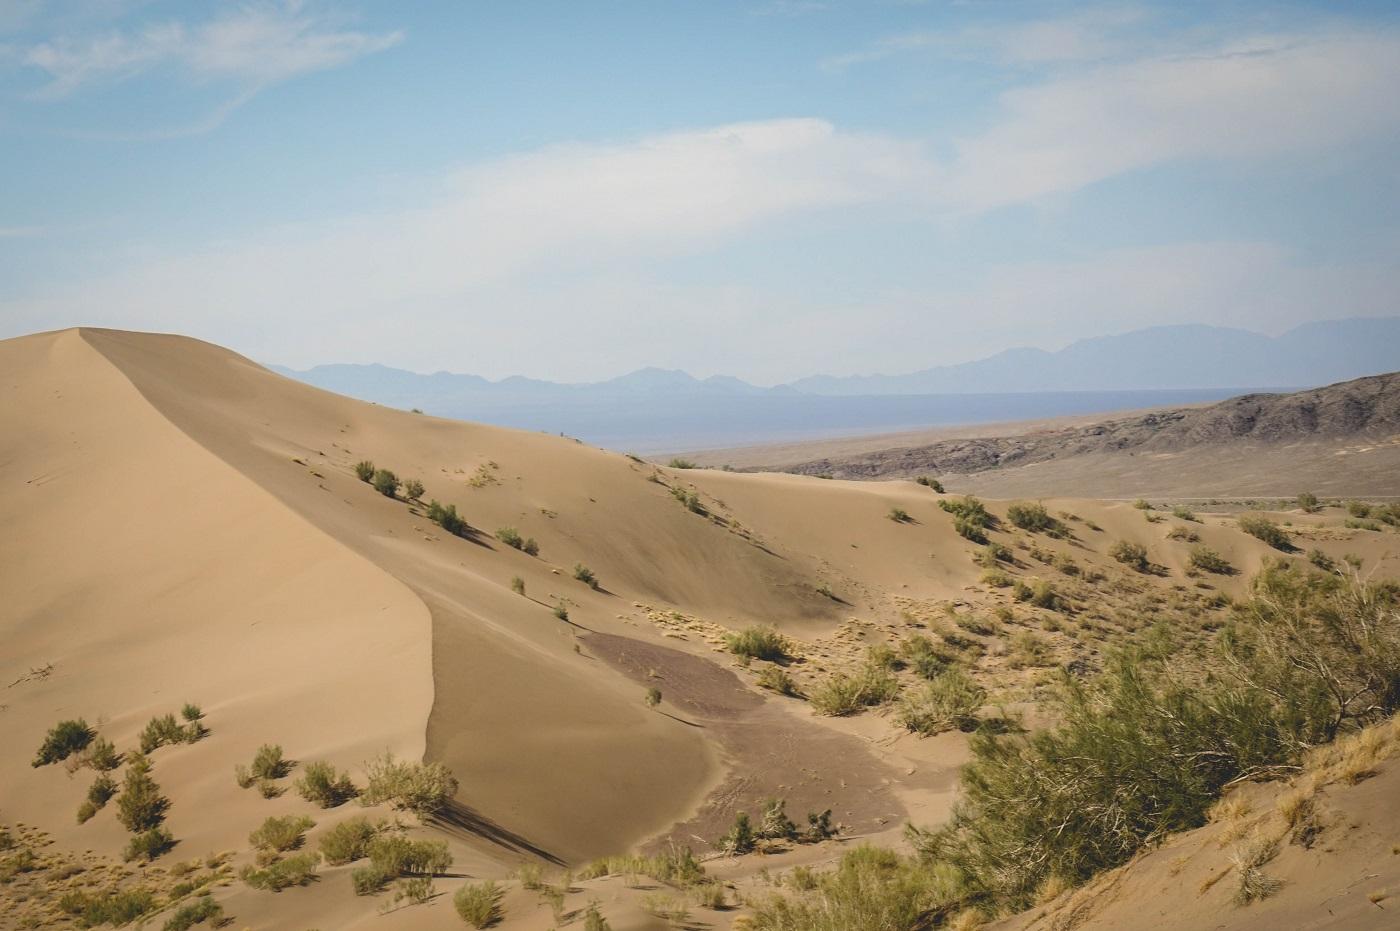 Singing Dunes of Altyn Emel - Kazakhstan Desert